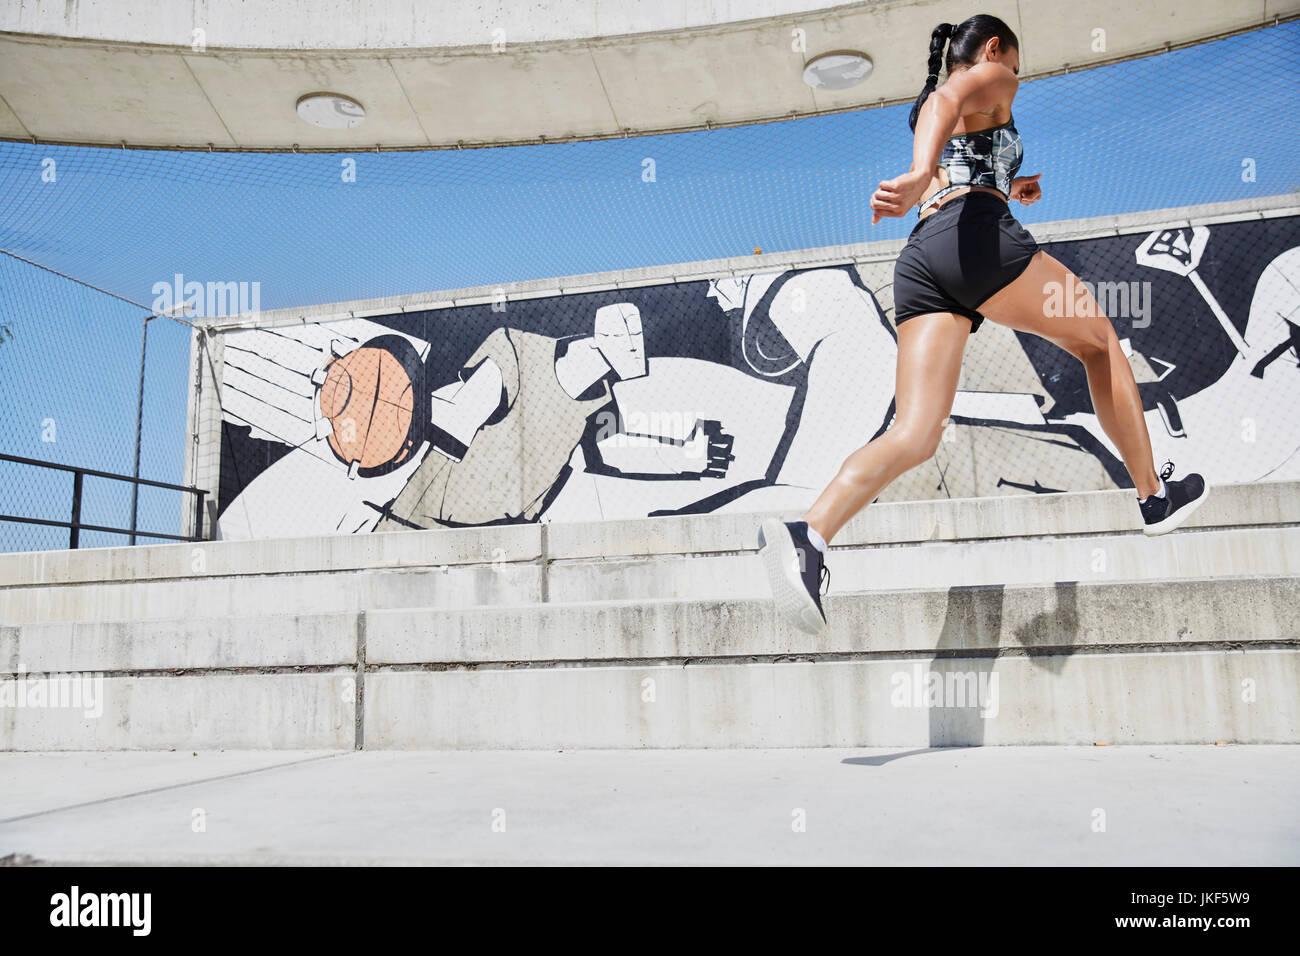 Montare donna in corsa all'aperto Immagini Stock